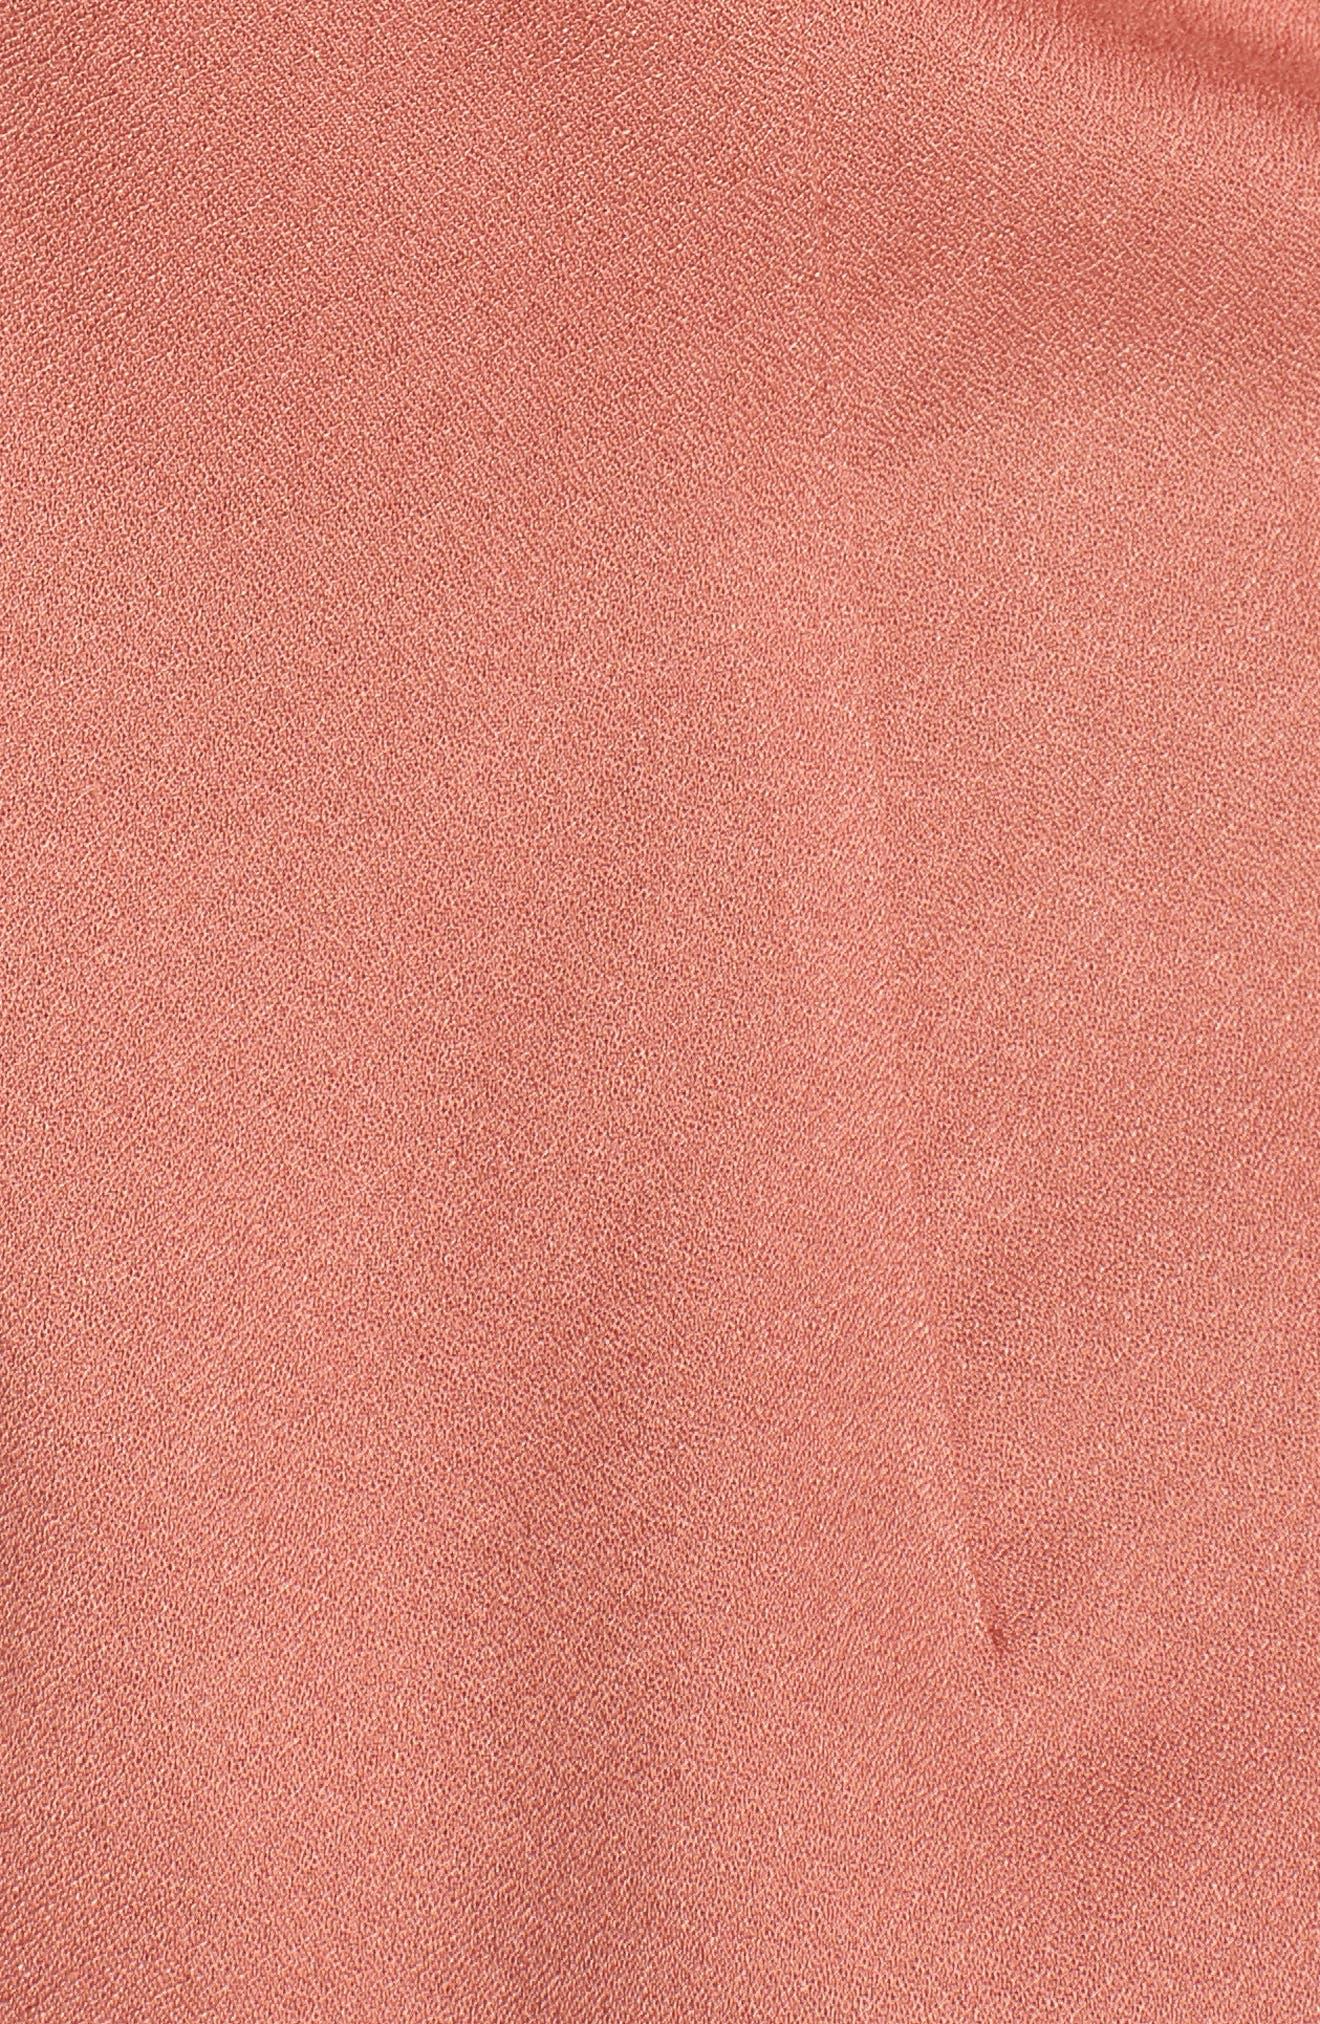 Tie Front Blouse,                             Alternate thumbnail 6, color,                             958